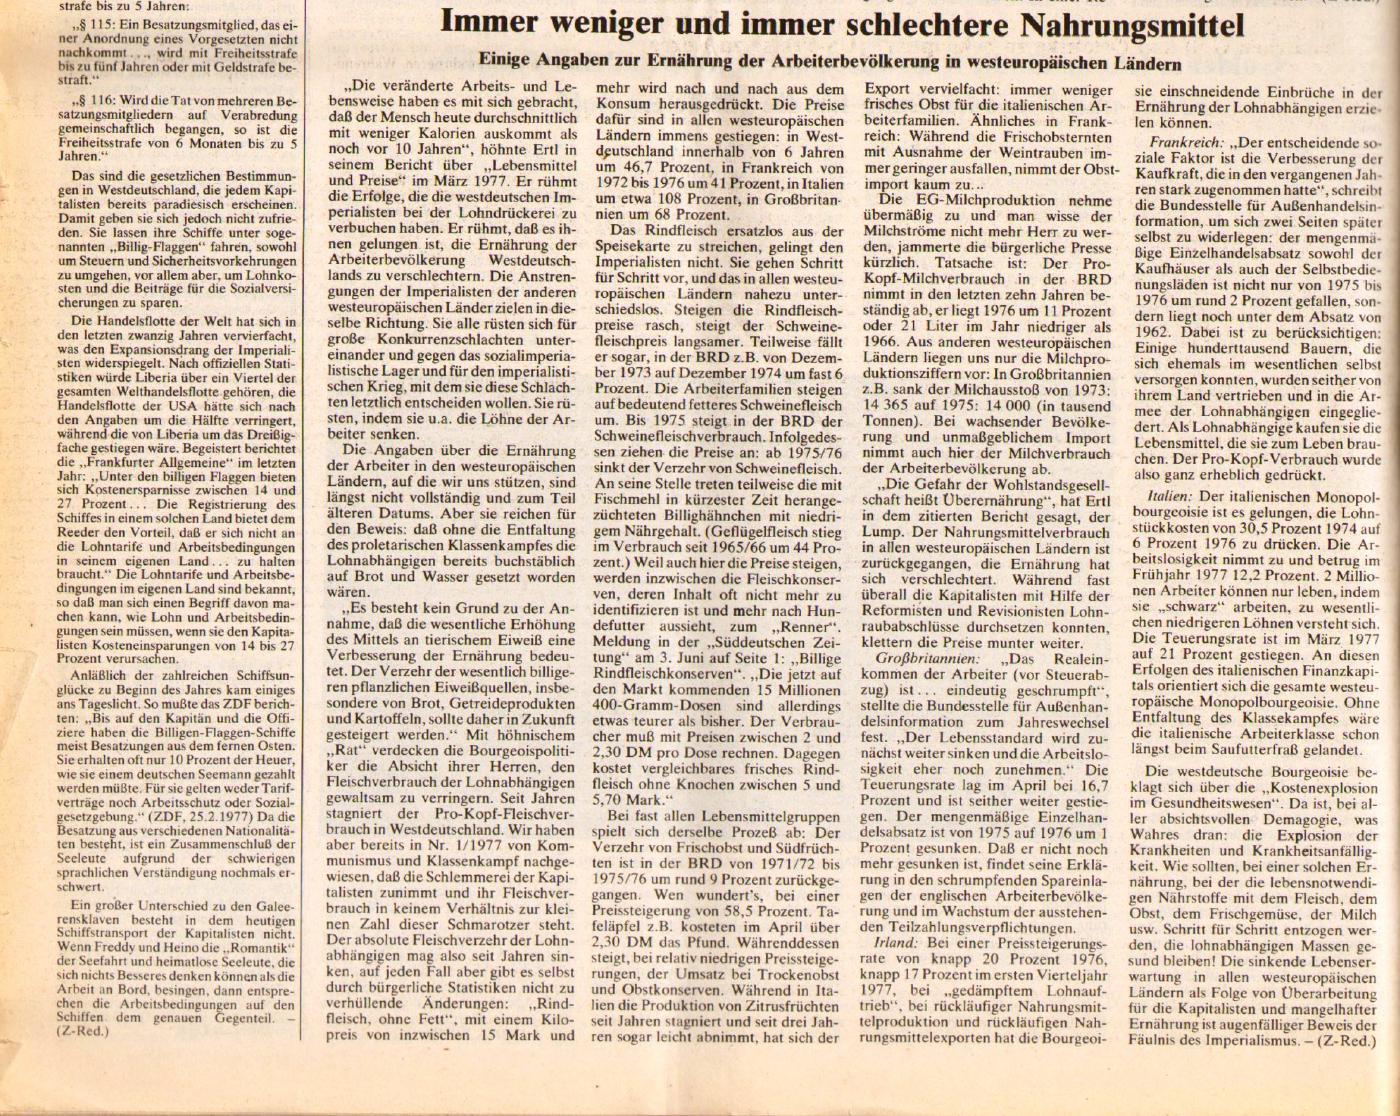 KVZ_Nord_1977_23_24